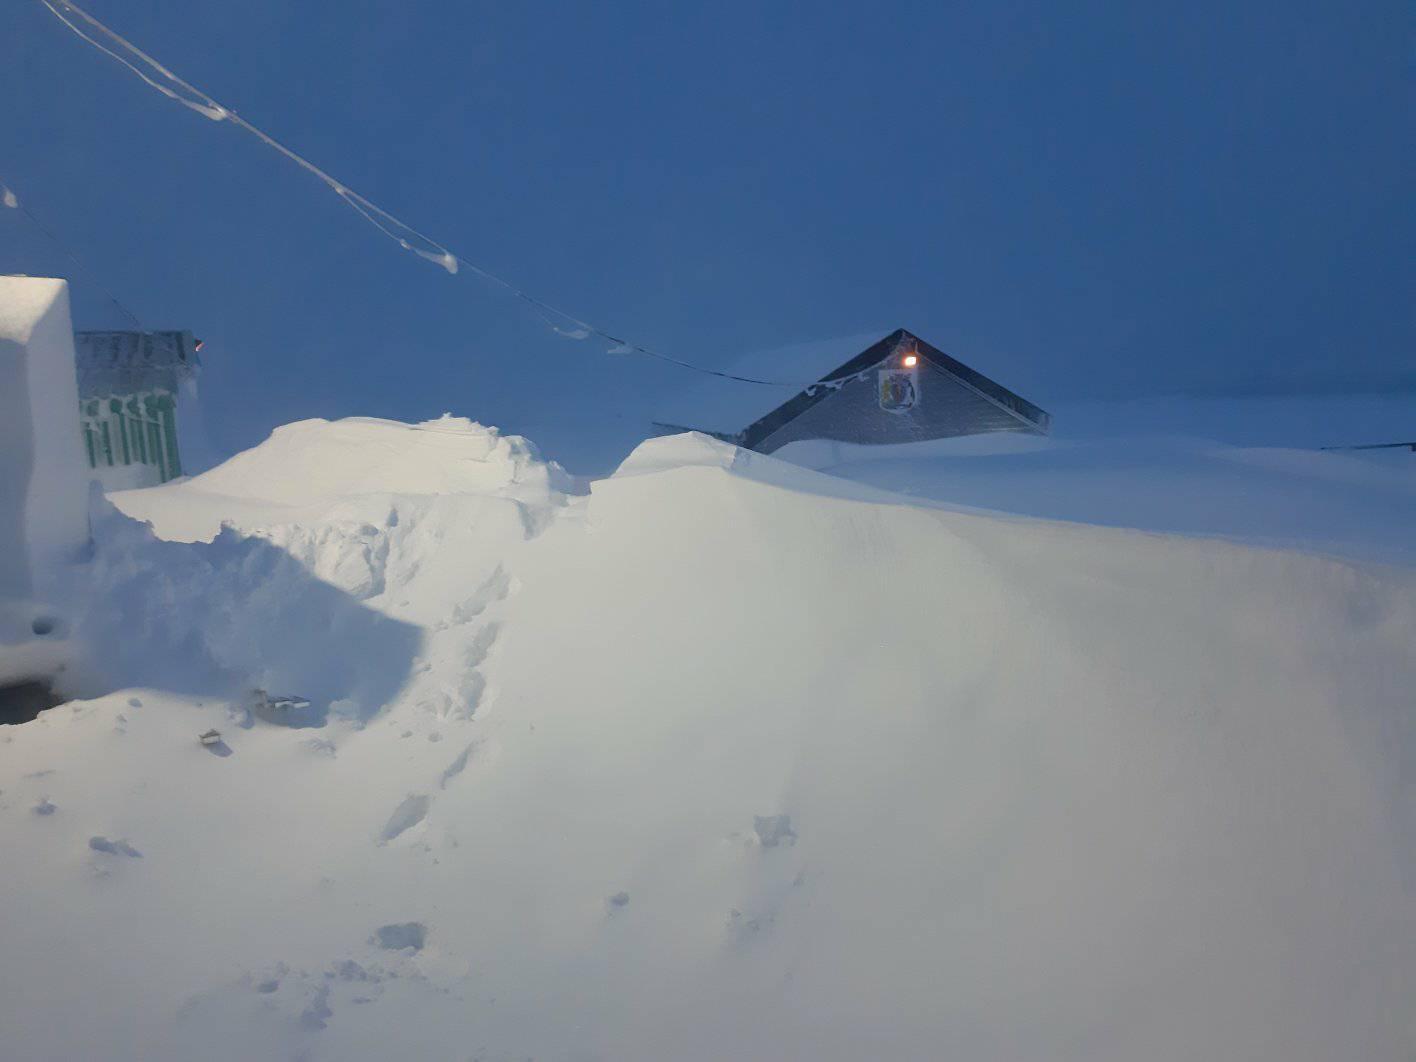 «Пінгвіни та полярники в шоці»: станцію «Академік Вернадський» замело снігом - експедиція, Антарктика - 12 vernadskogo3